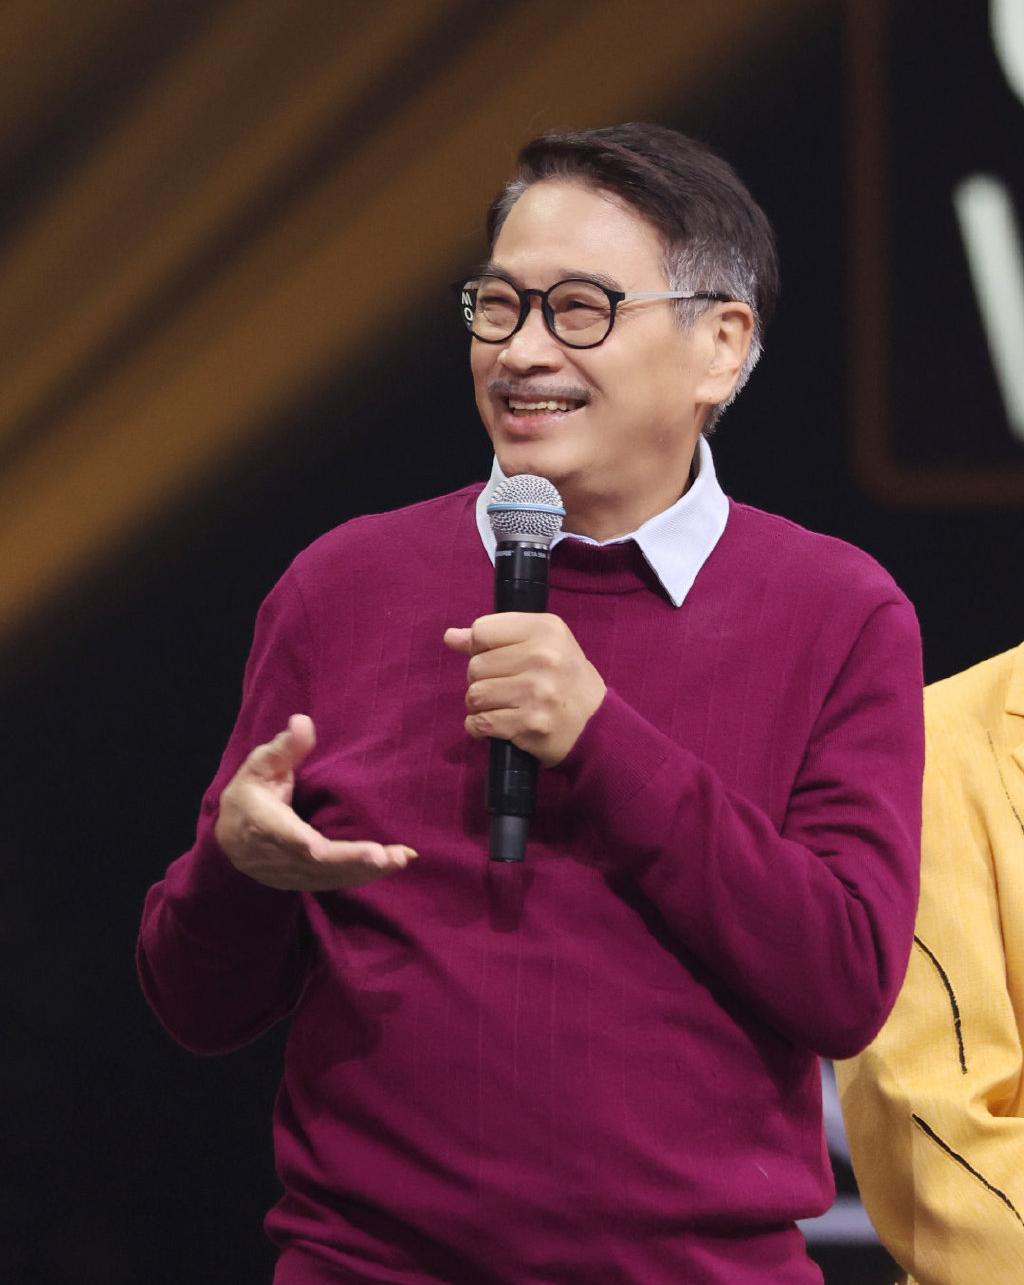 2月12日,吴孟达参与录制的《王牌对王牌》播出。